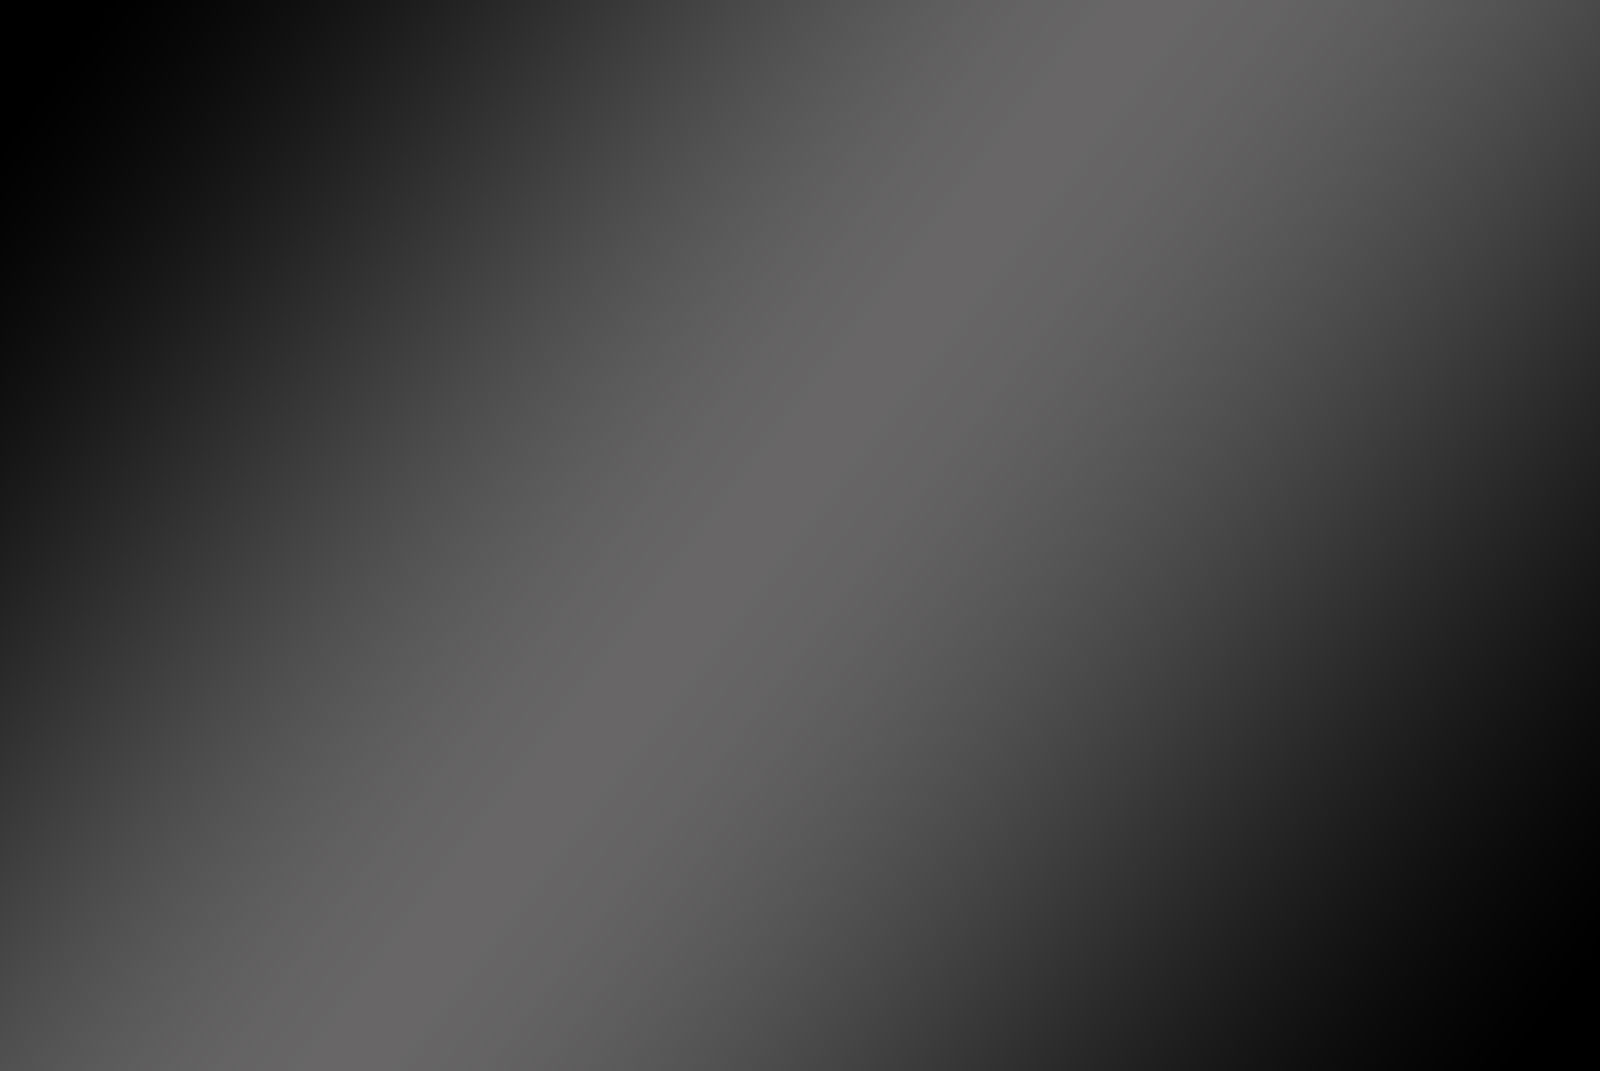 Black Gradient Wallpaper - WallpaperSafari